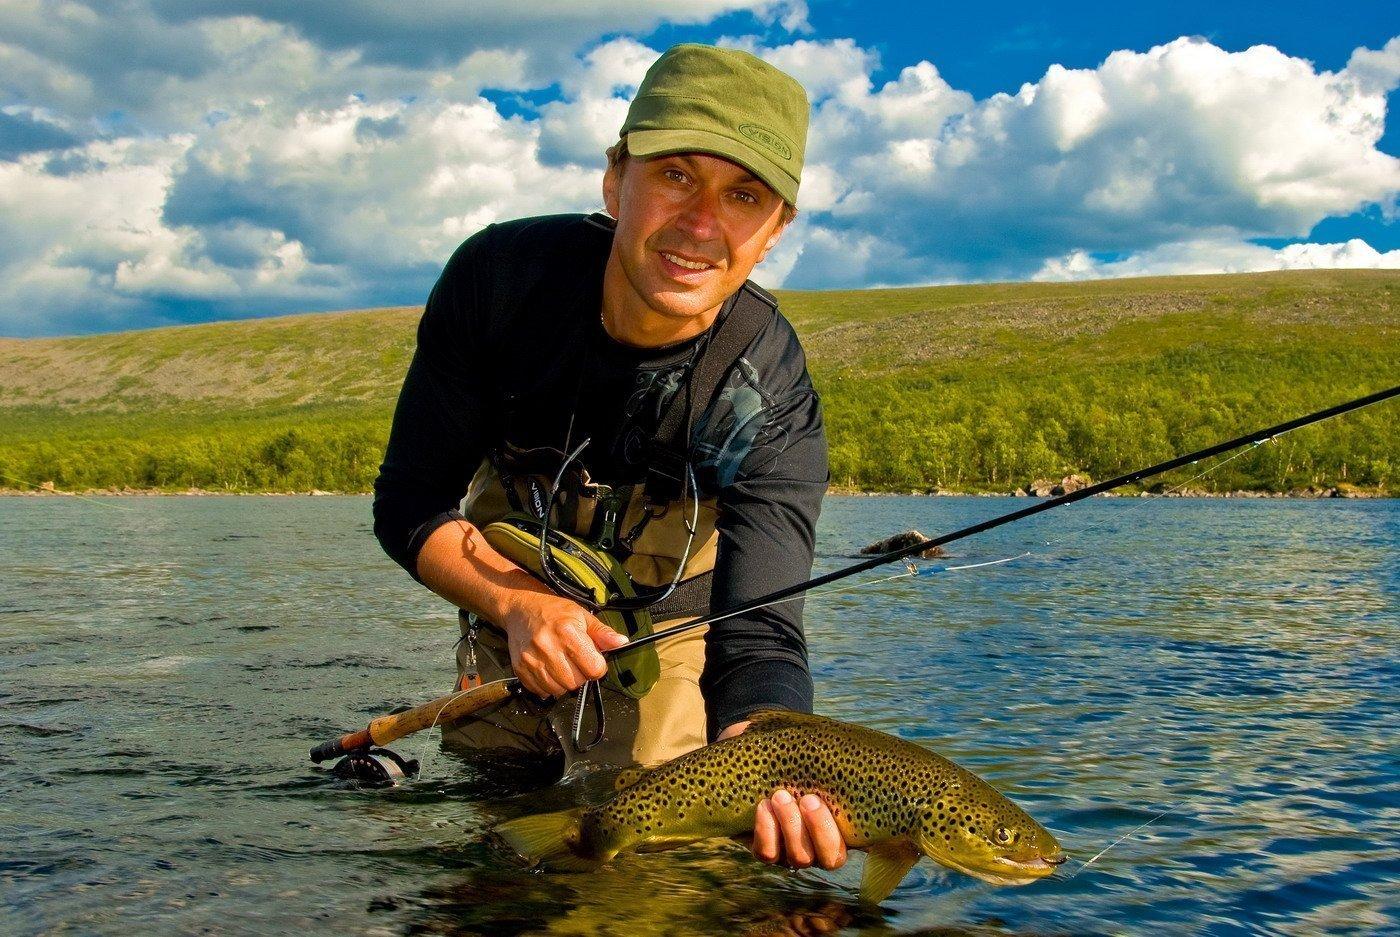 картинка мужчина рыбачить земле родной трудились